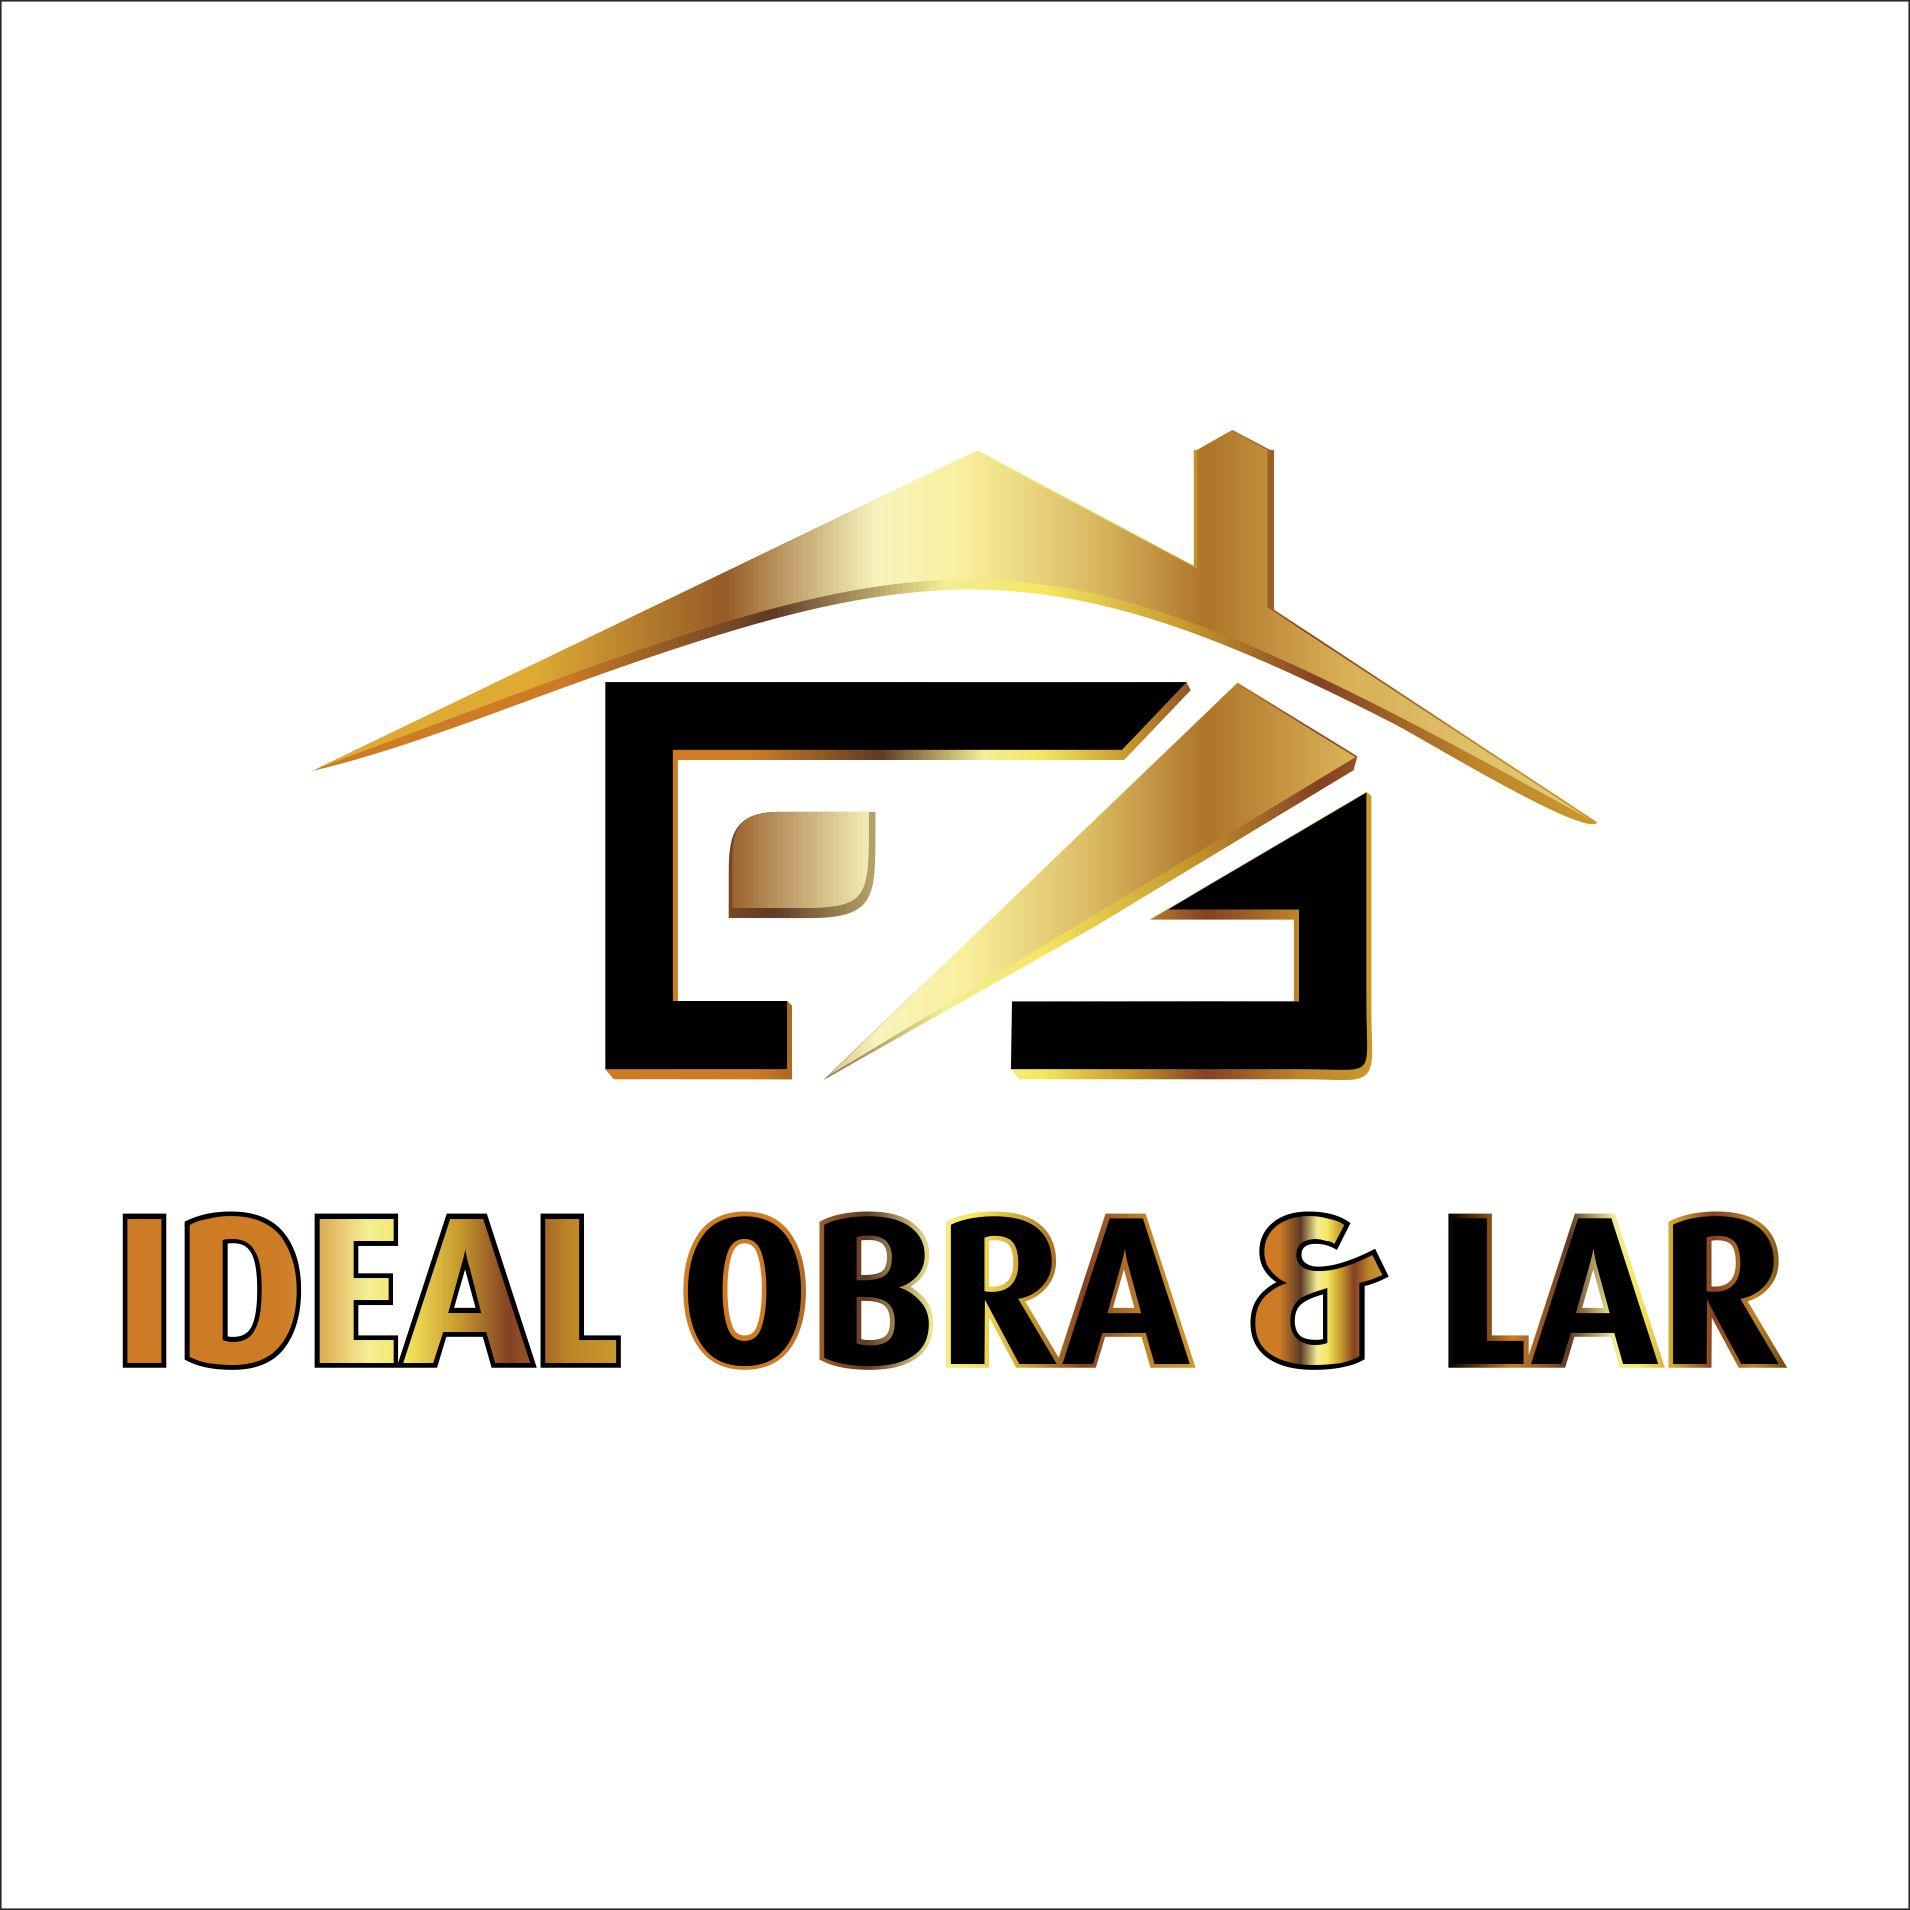 Ideal Obra & Lar